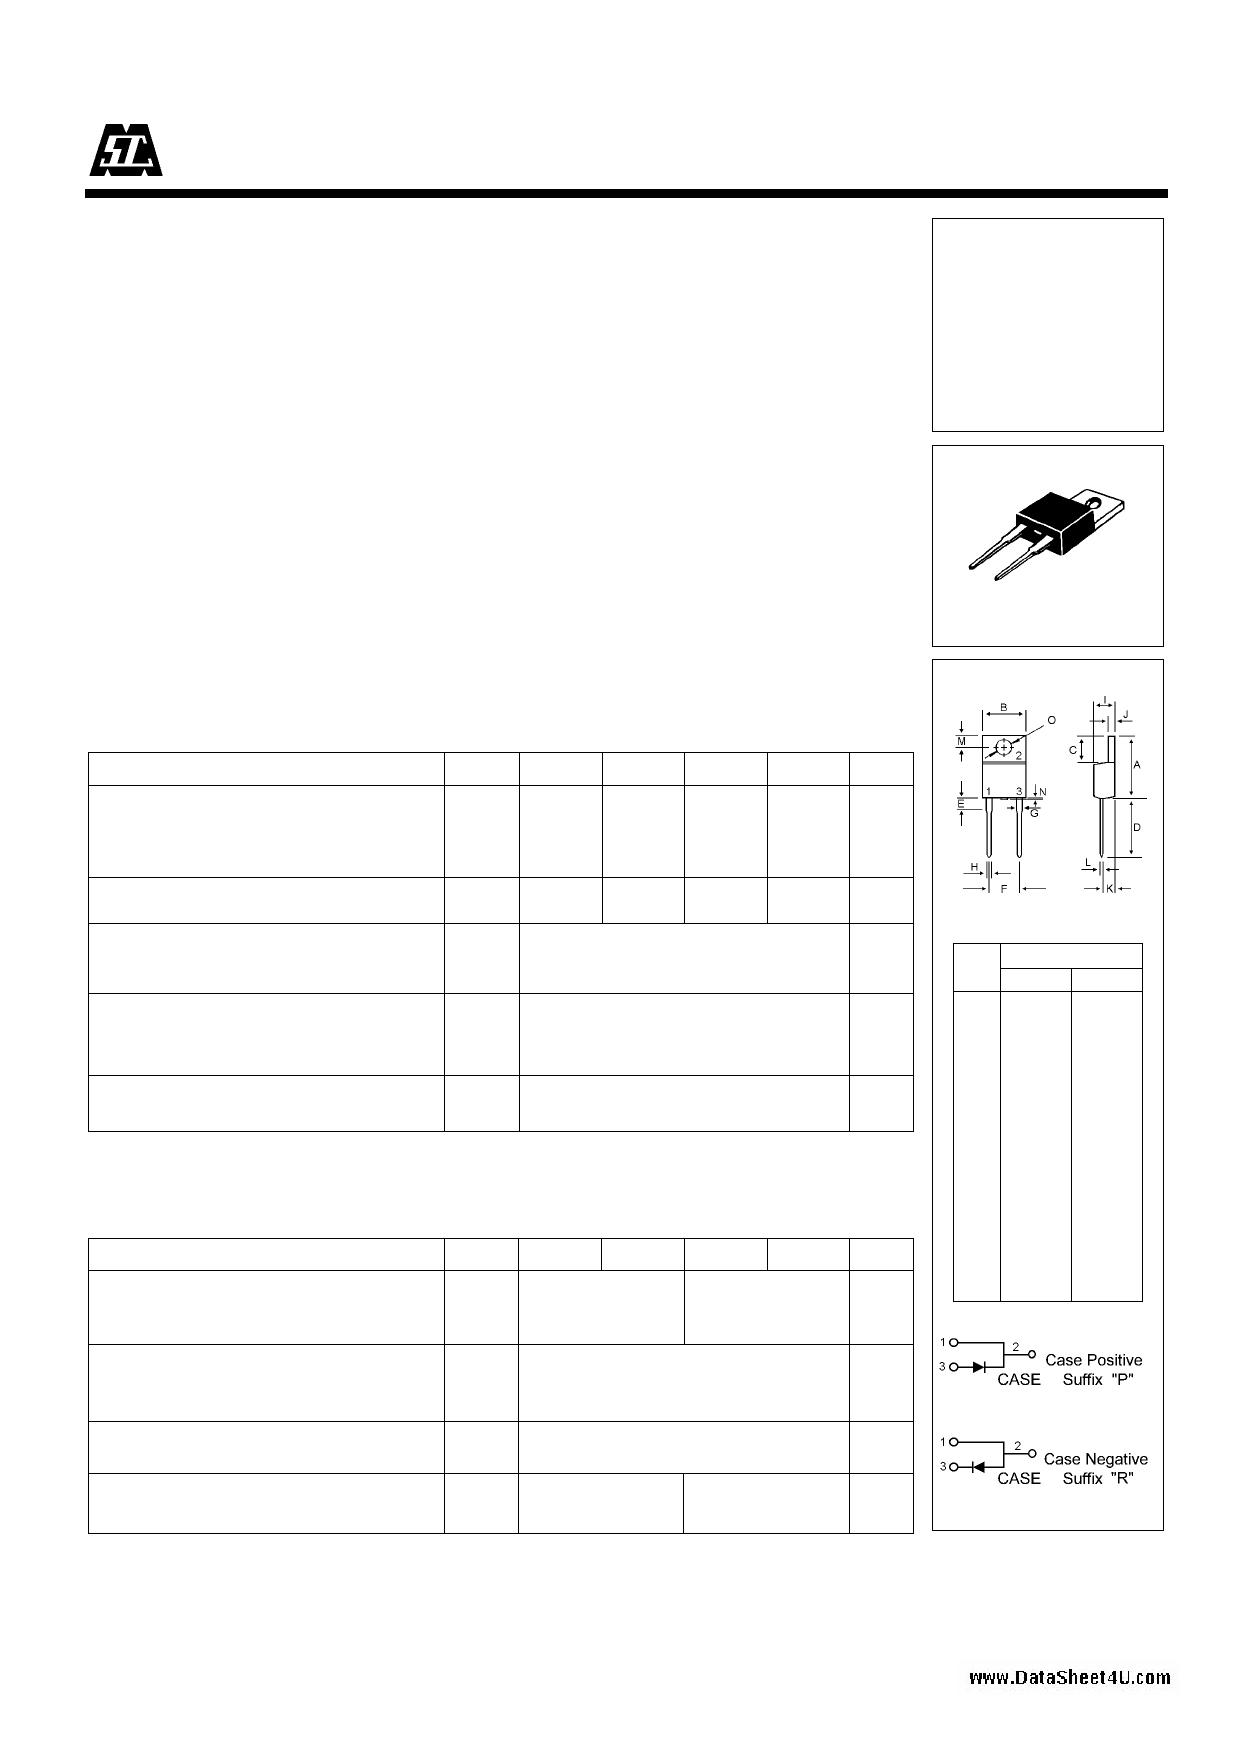 U05A30 Hoja de datos, Descripción, Manual